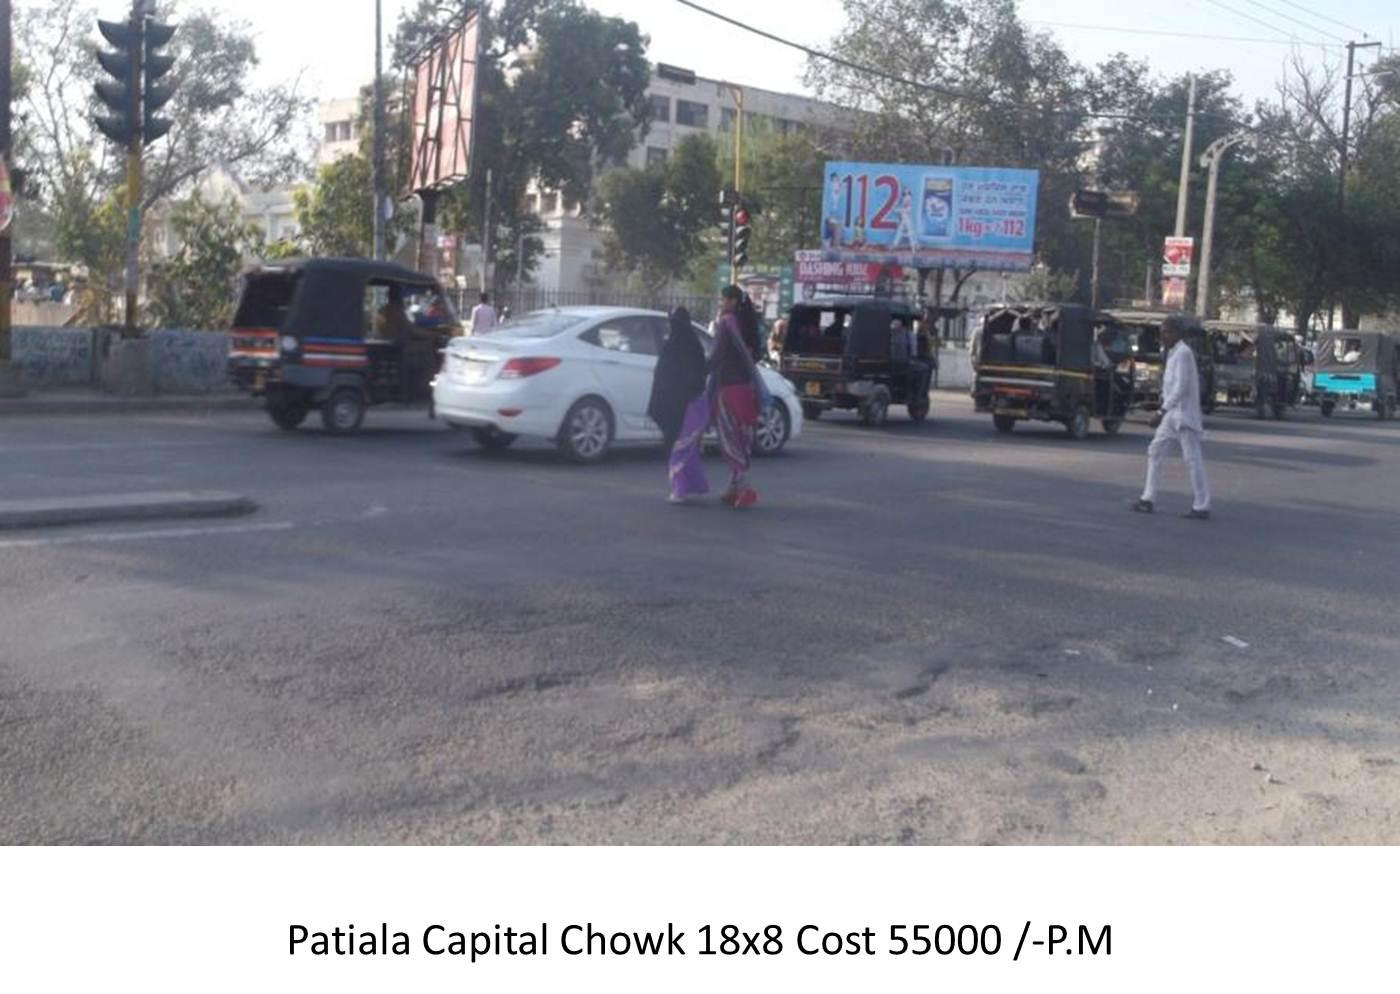 Capital Chowk, Patiala